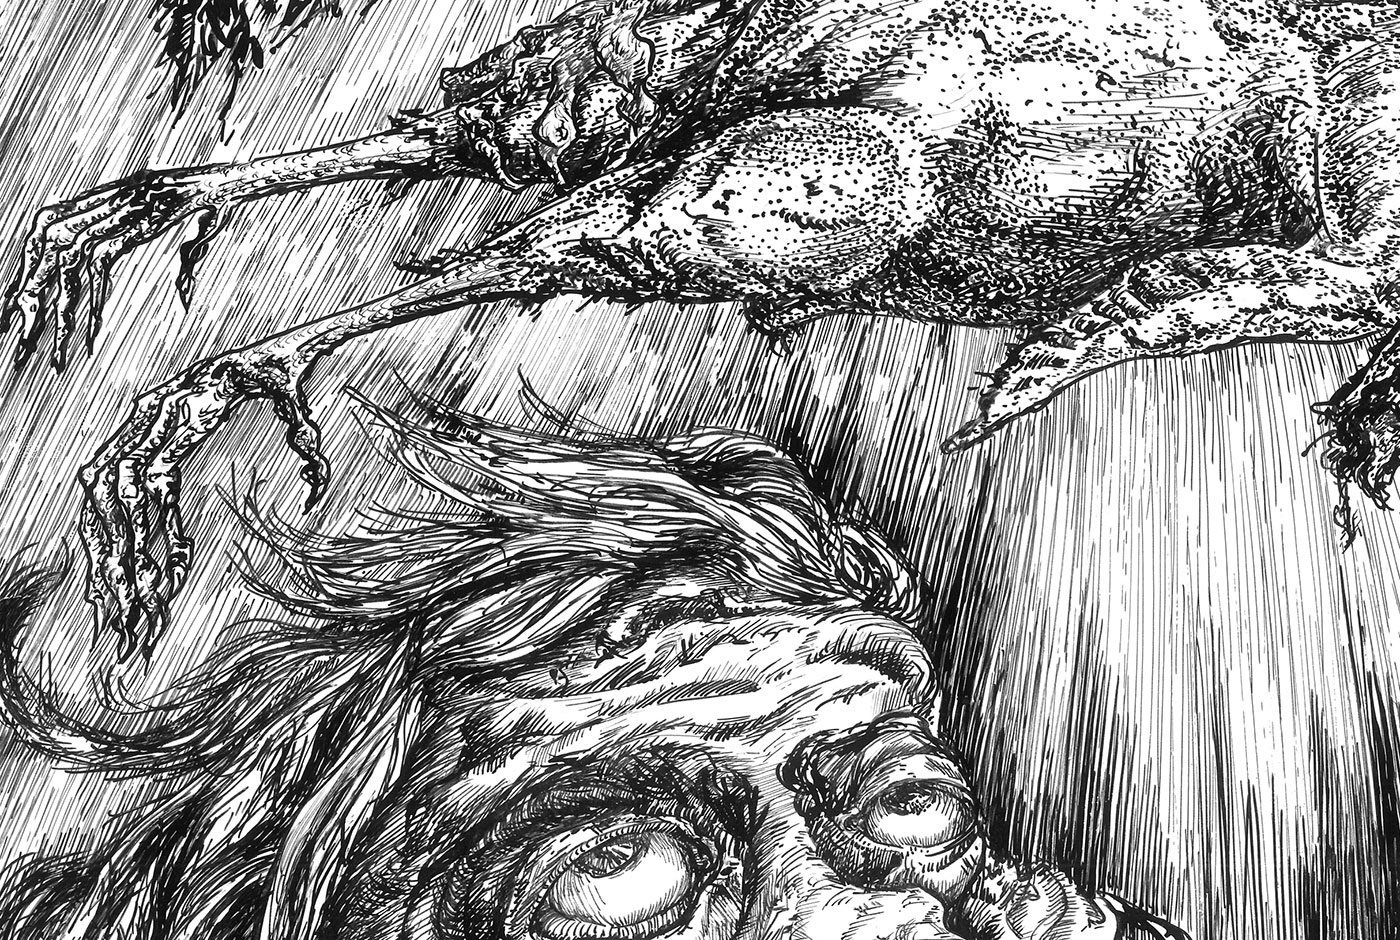 ink artwork invasion Emotional psychology philosophy  grotesque surrealism ILLUSTRATION  ascension